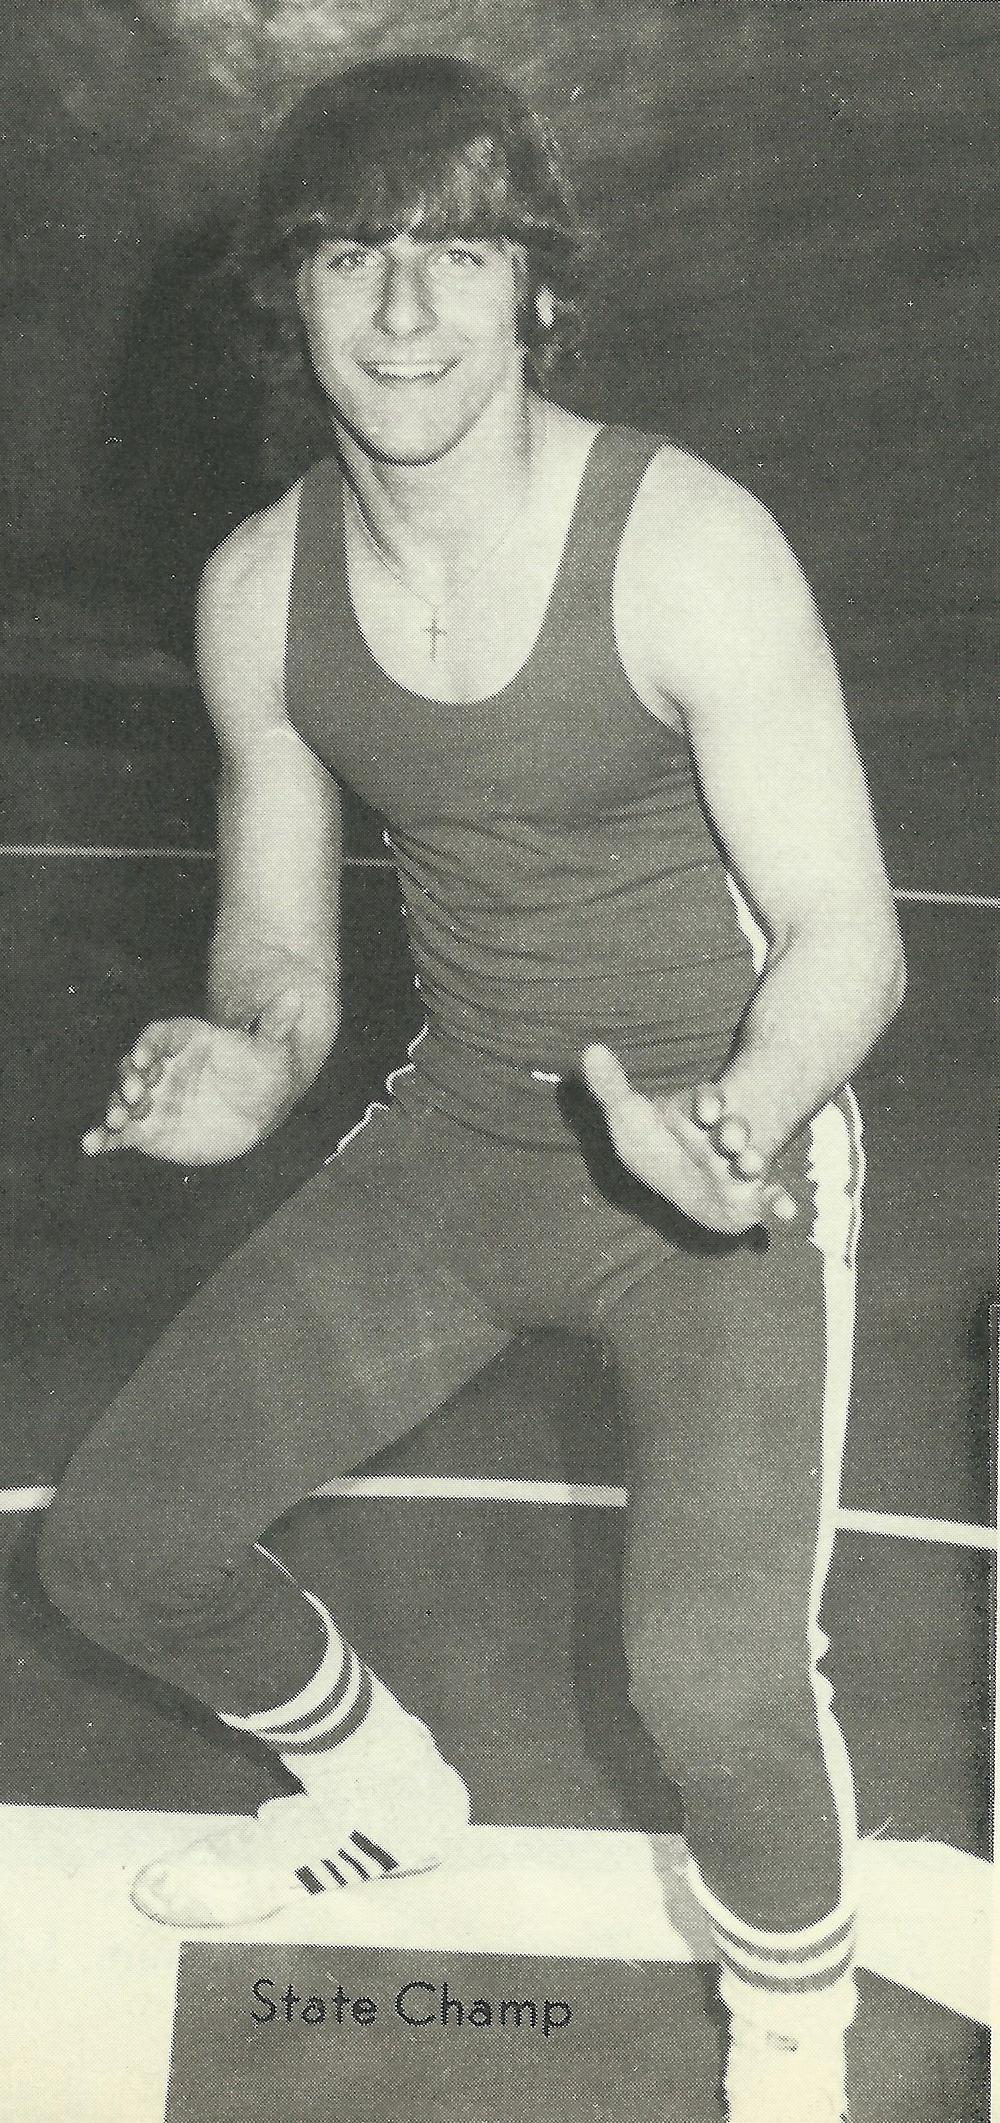 Tim Palermini